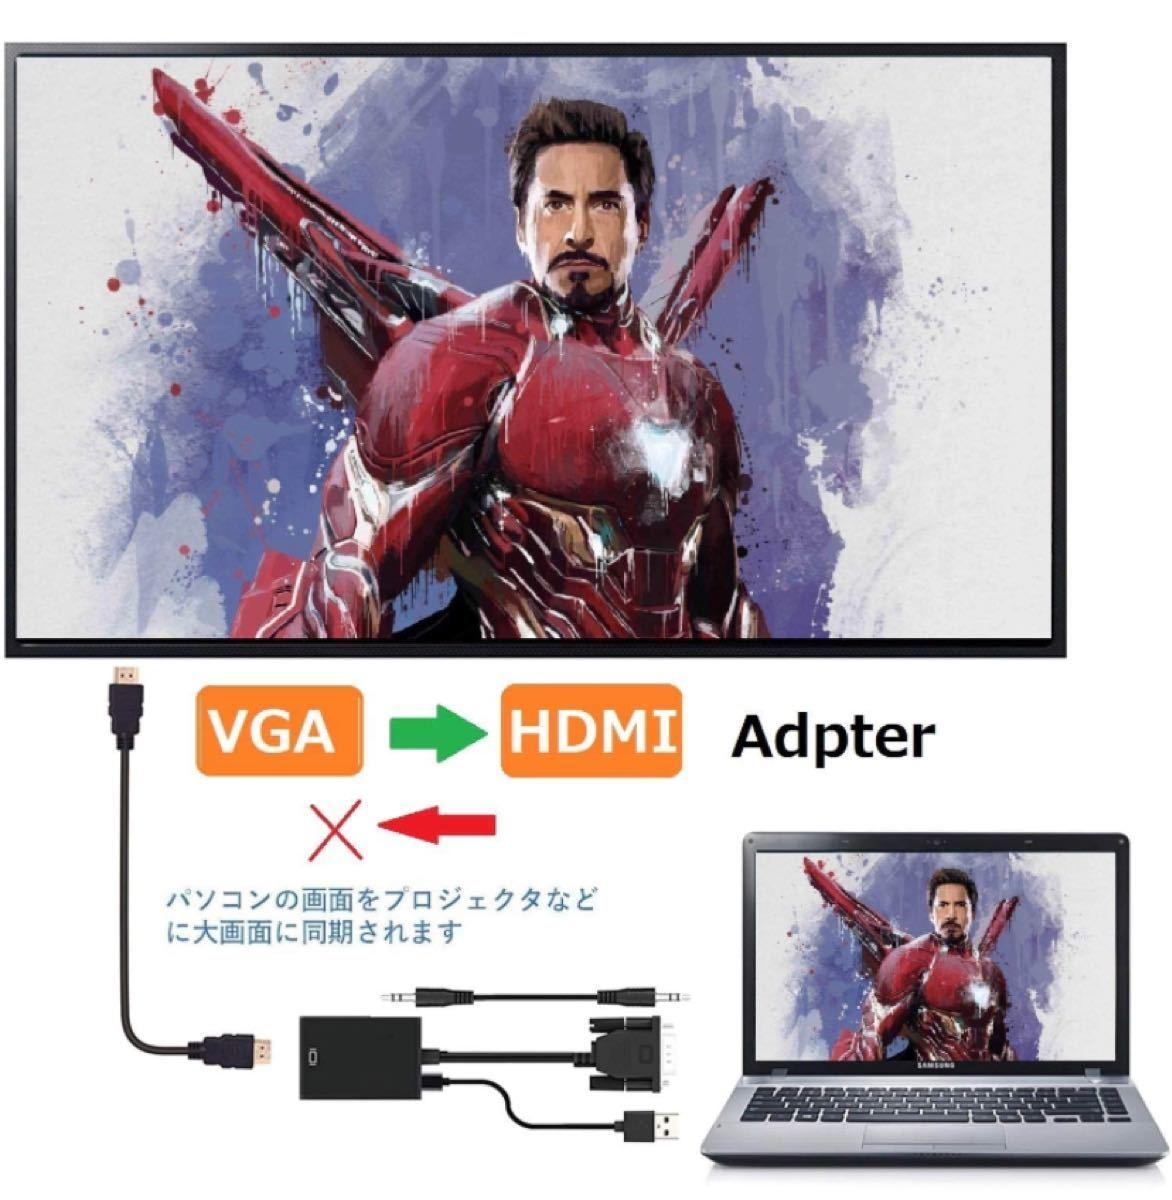 VGA HDMI 変換アダプタ VGA HDMI ケーブル VGA to HDMI 変換ケーブル VGA HDMI 新品・未使用